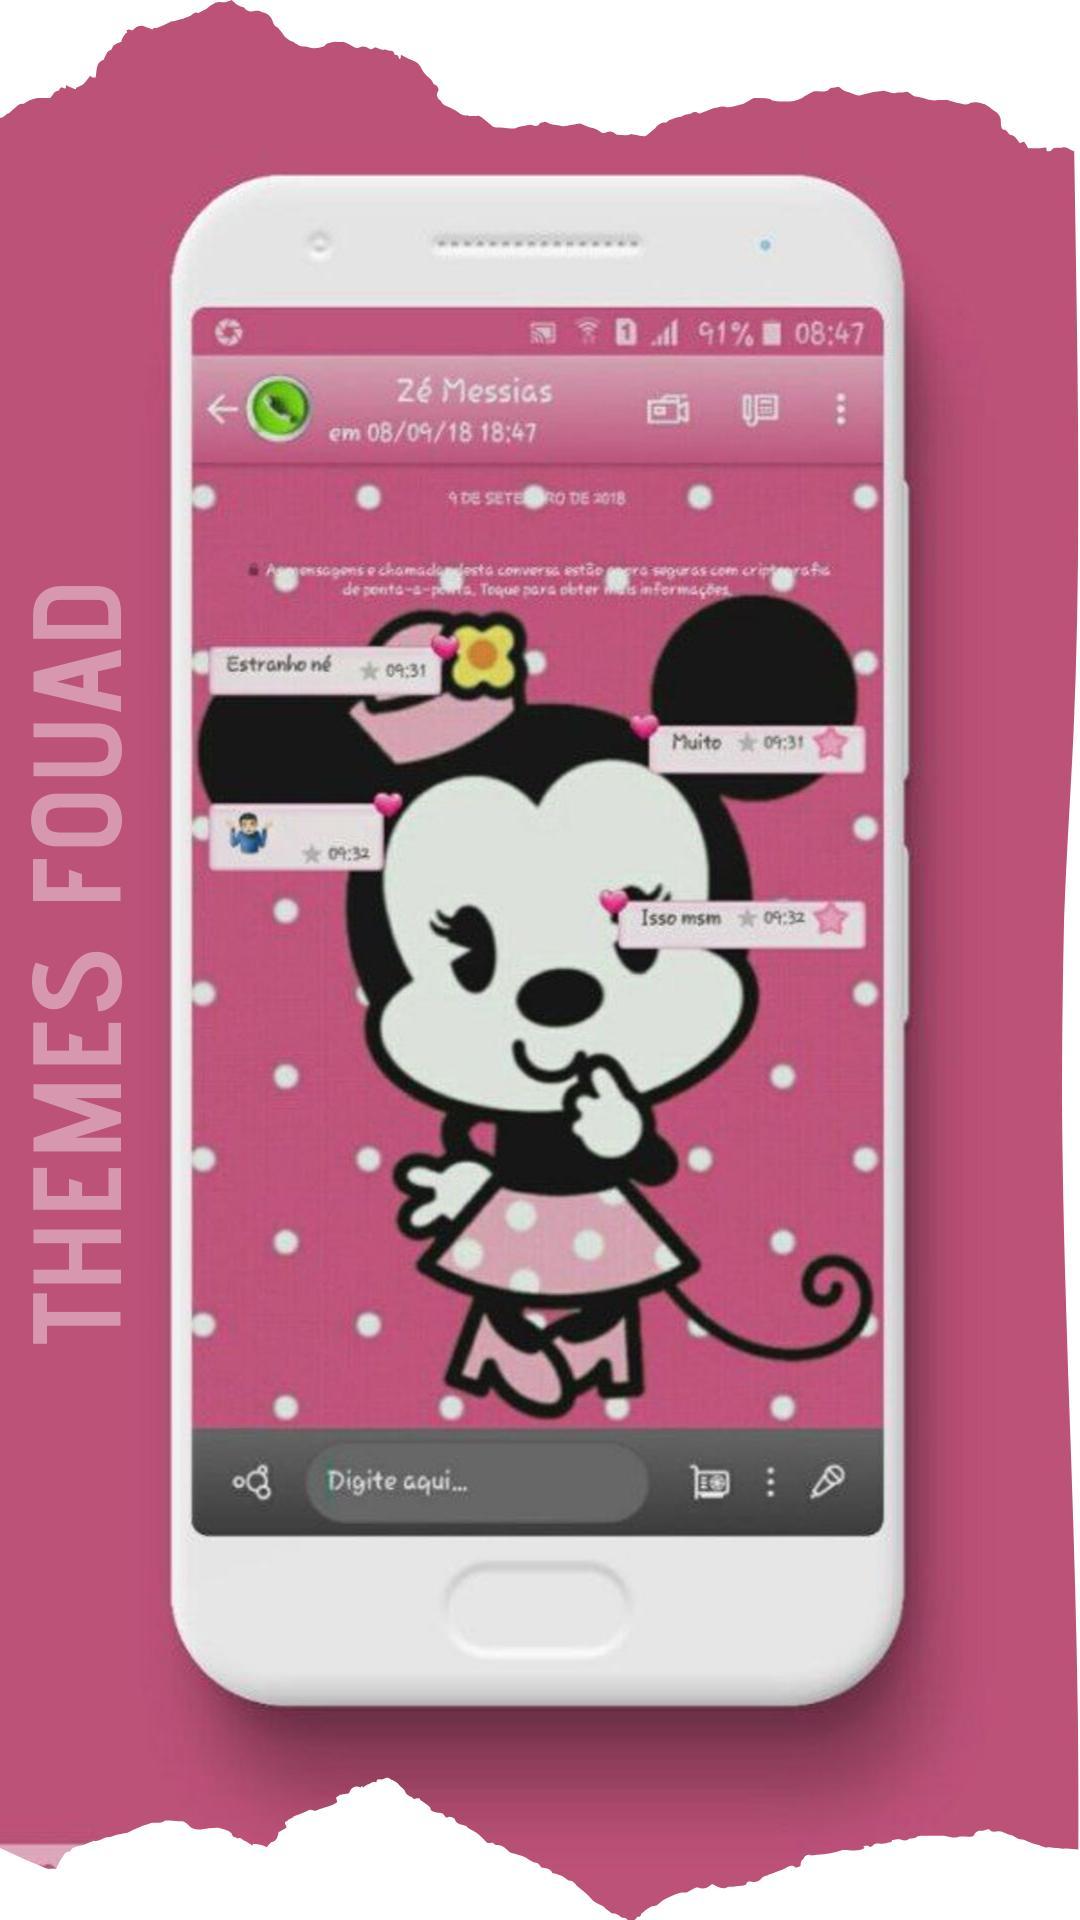 MOD] Themes Whatsp   Yo, Aero, Fouad for Android   APK Download